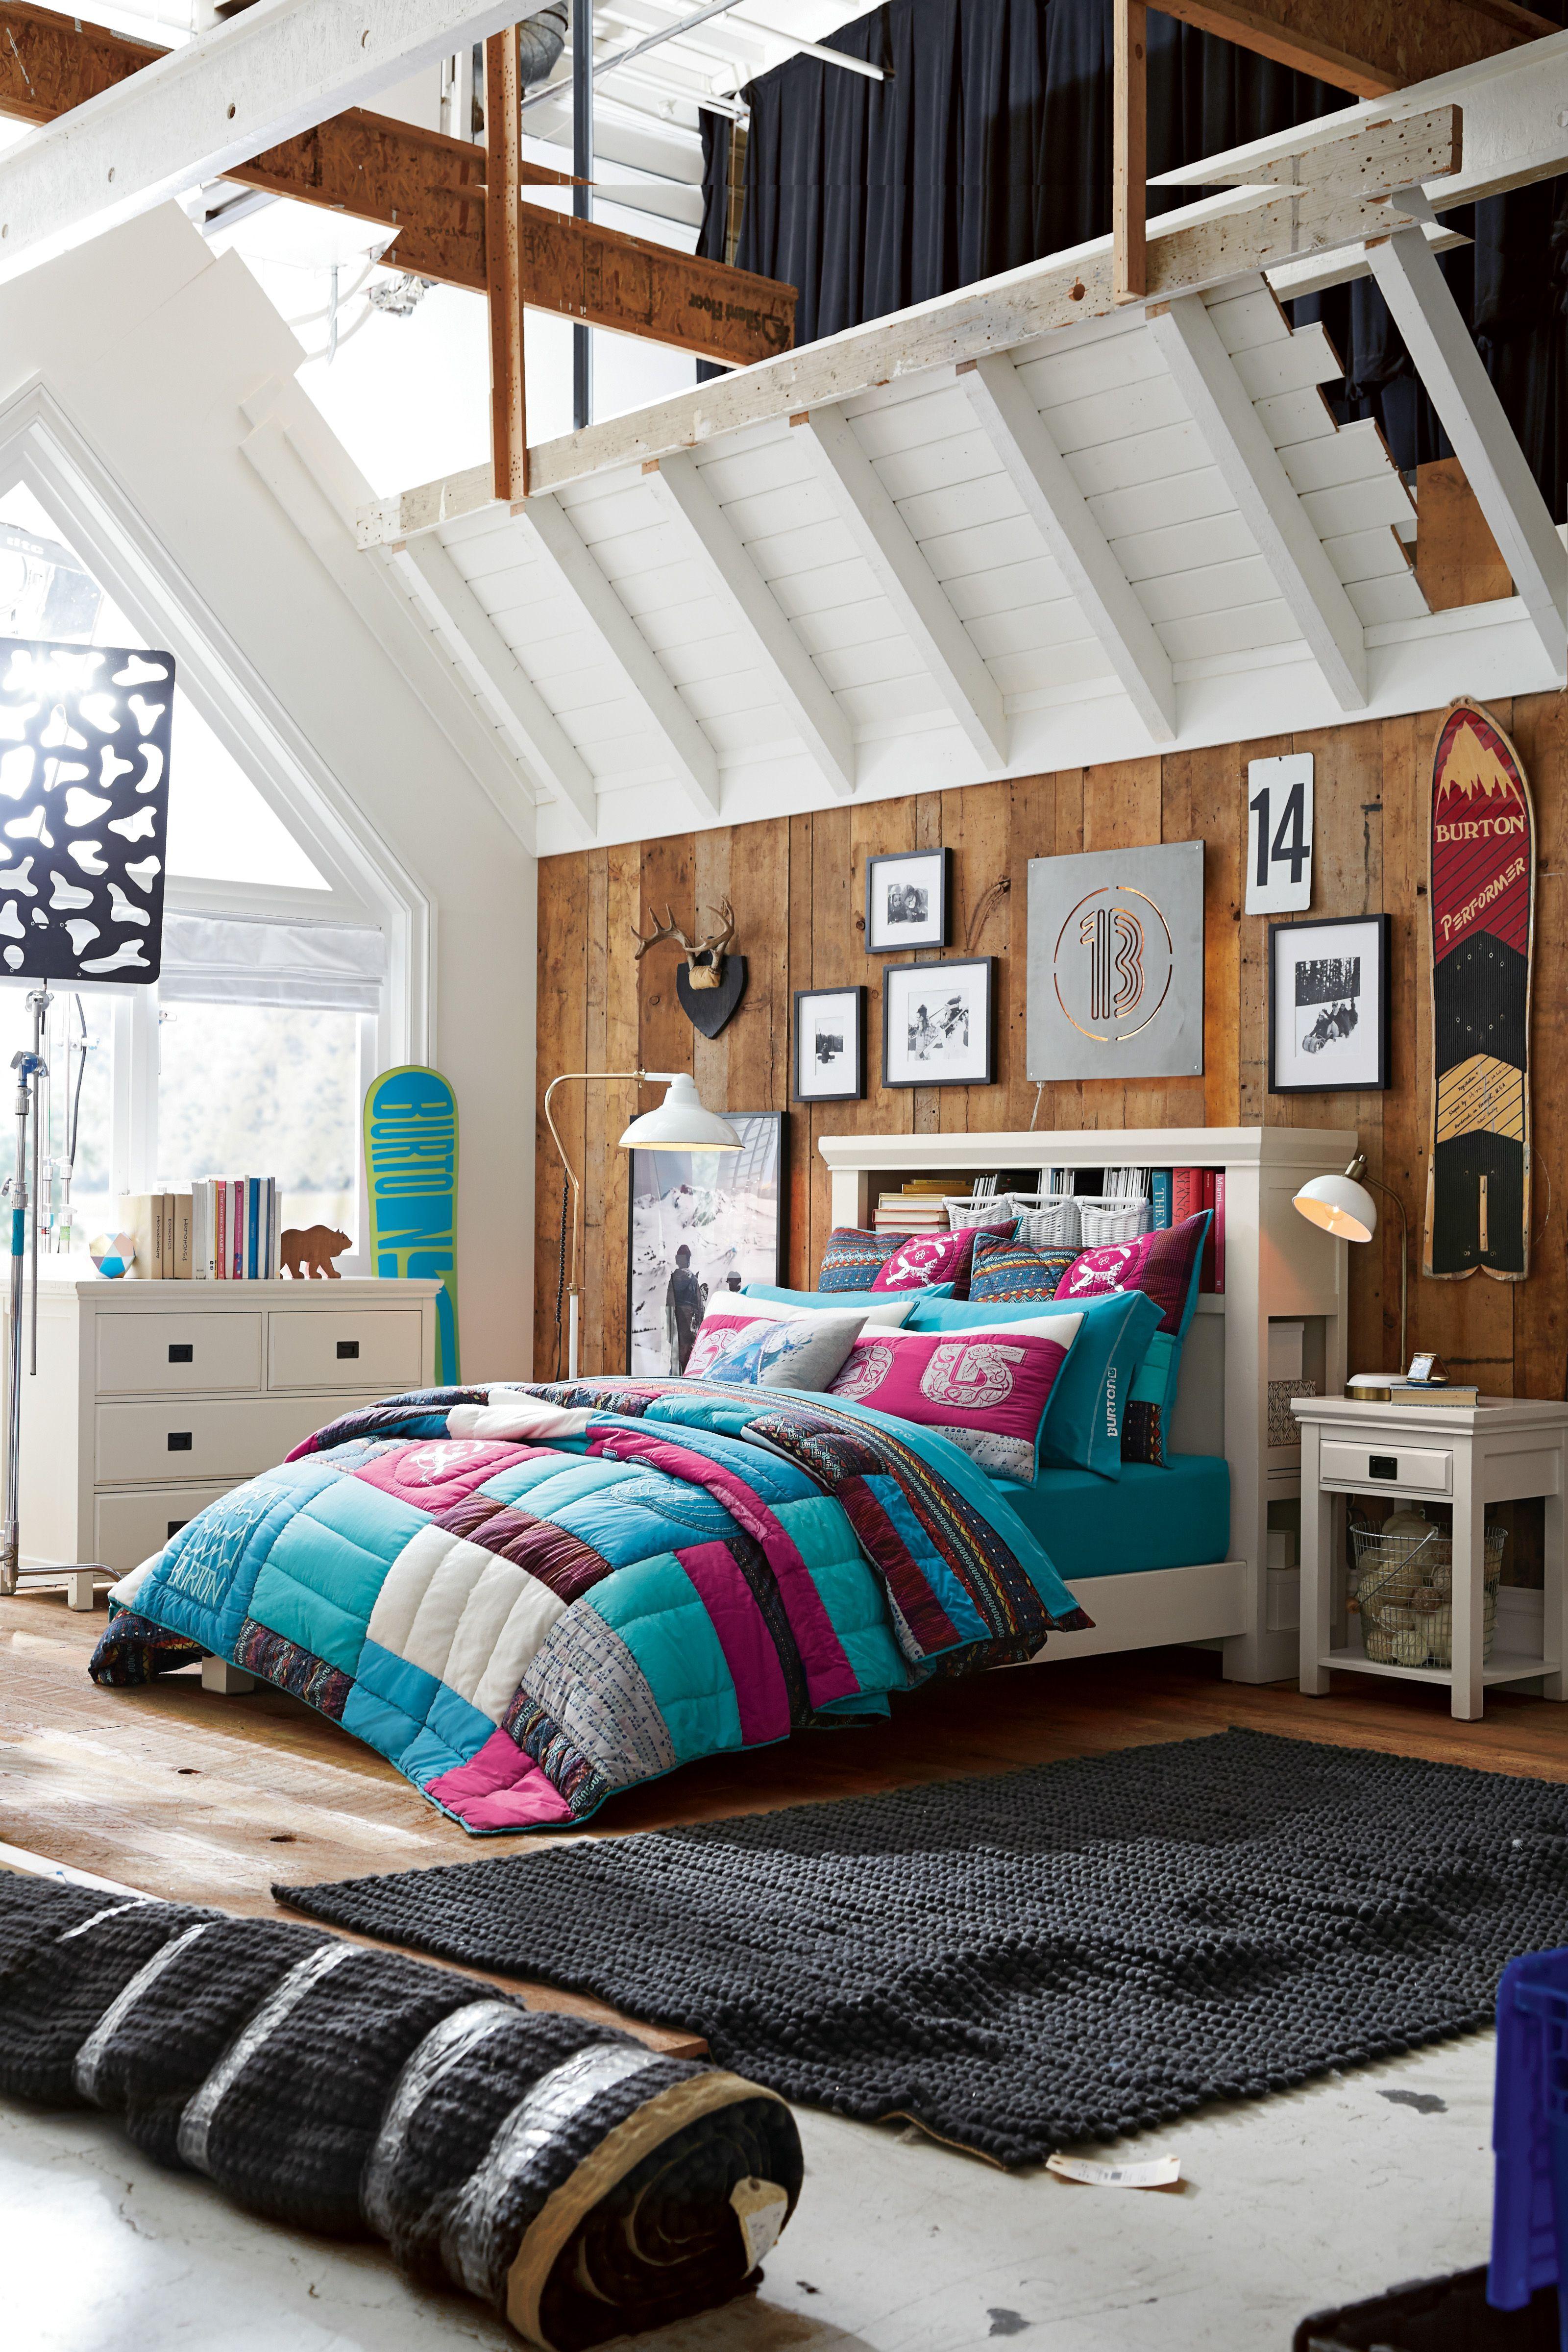 2014 Pbteen Burton Collection Pbteen Complete Bedroom Set